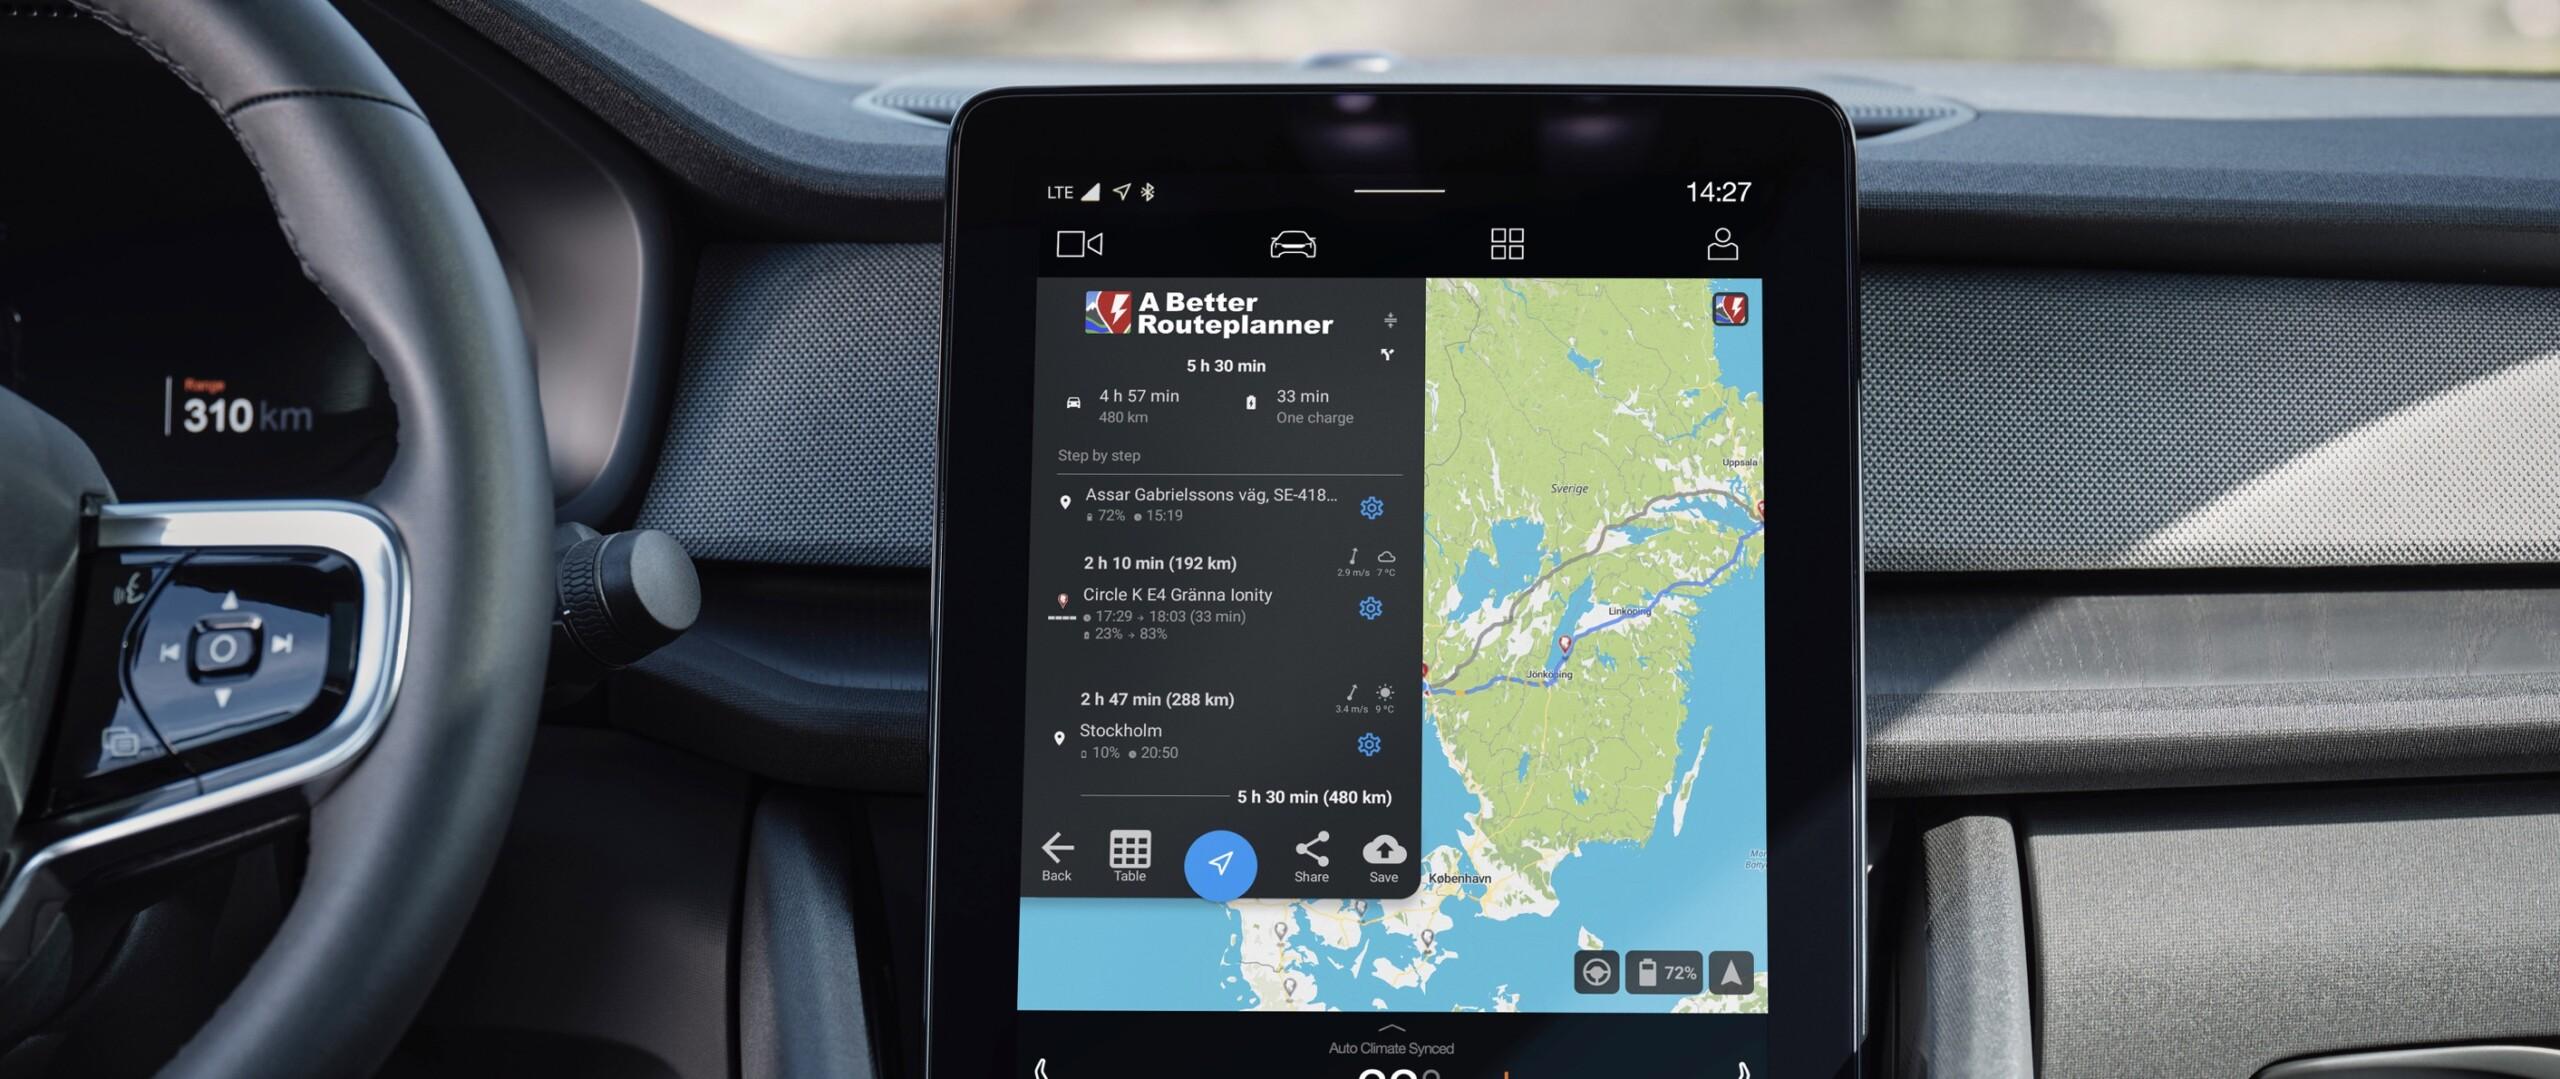 La Polestar 2 accueille nativement le service A Better Route Planner